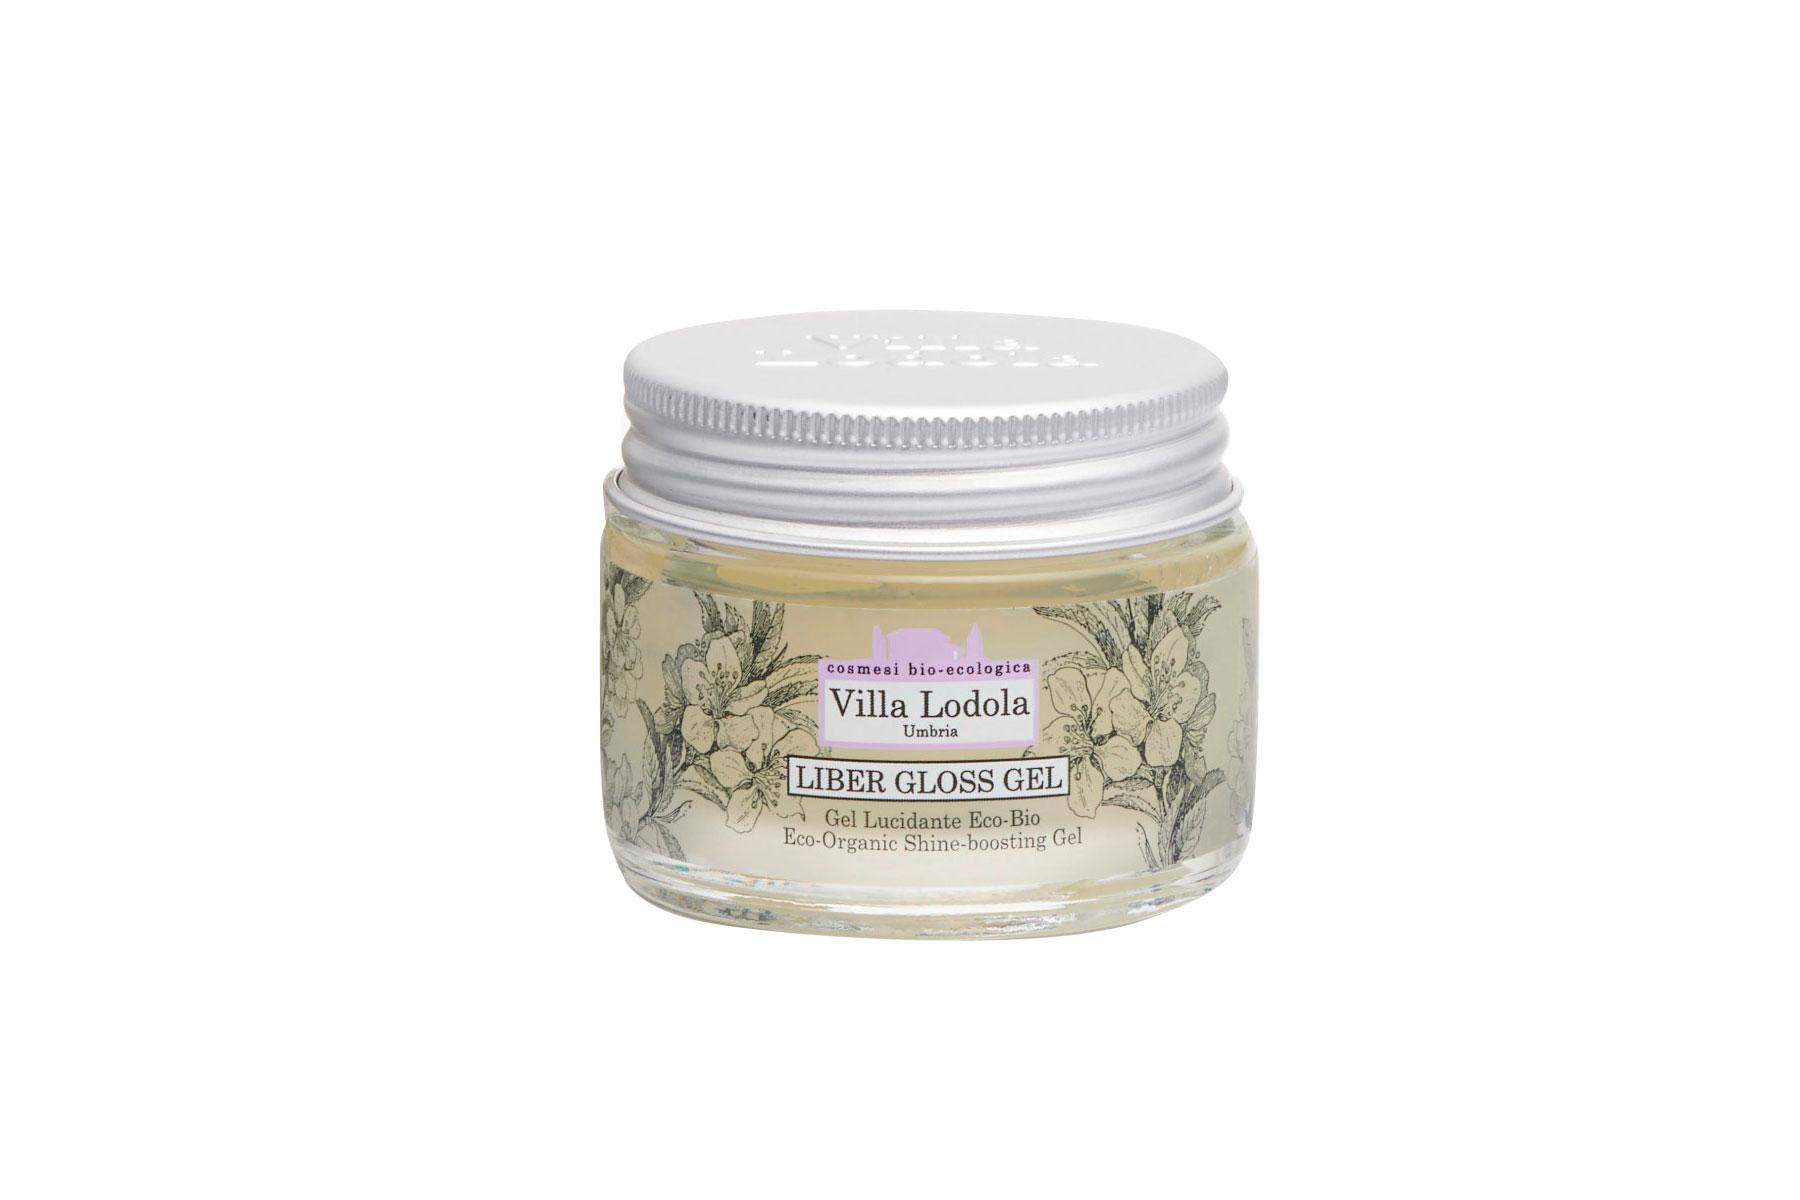 ヴィラロドラ (villa lodola) liber gloss gel